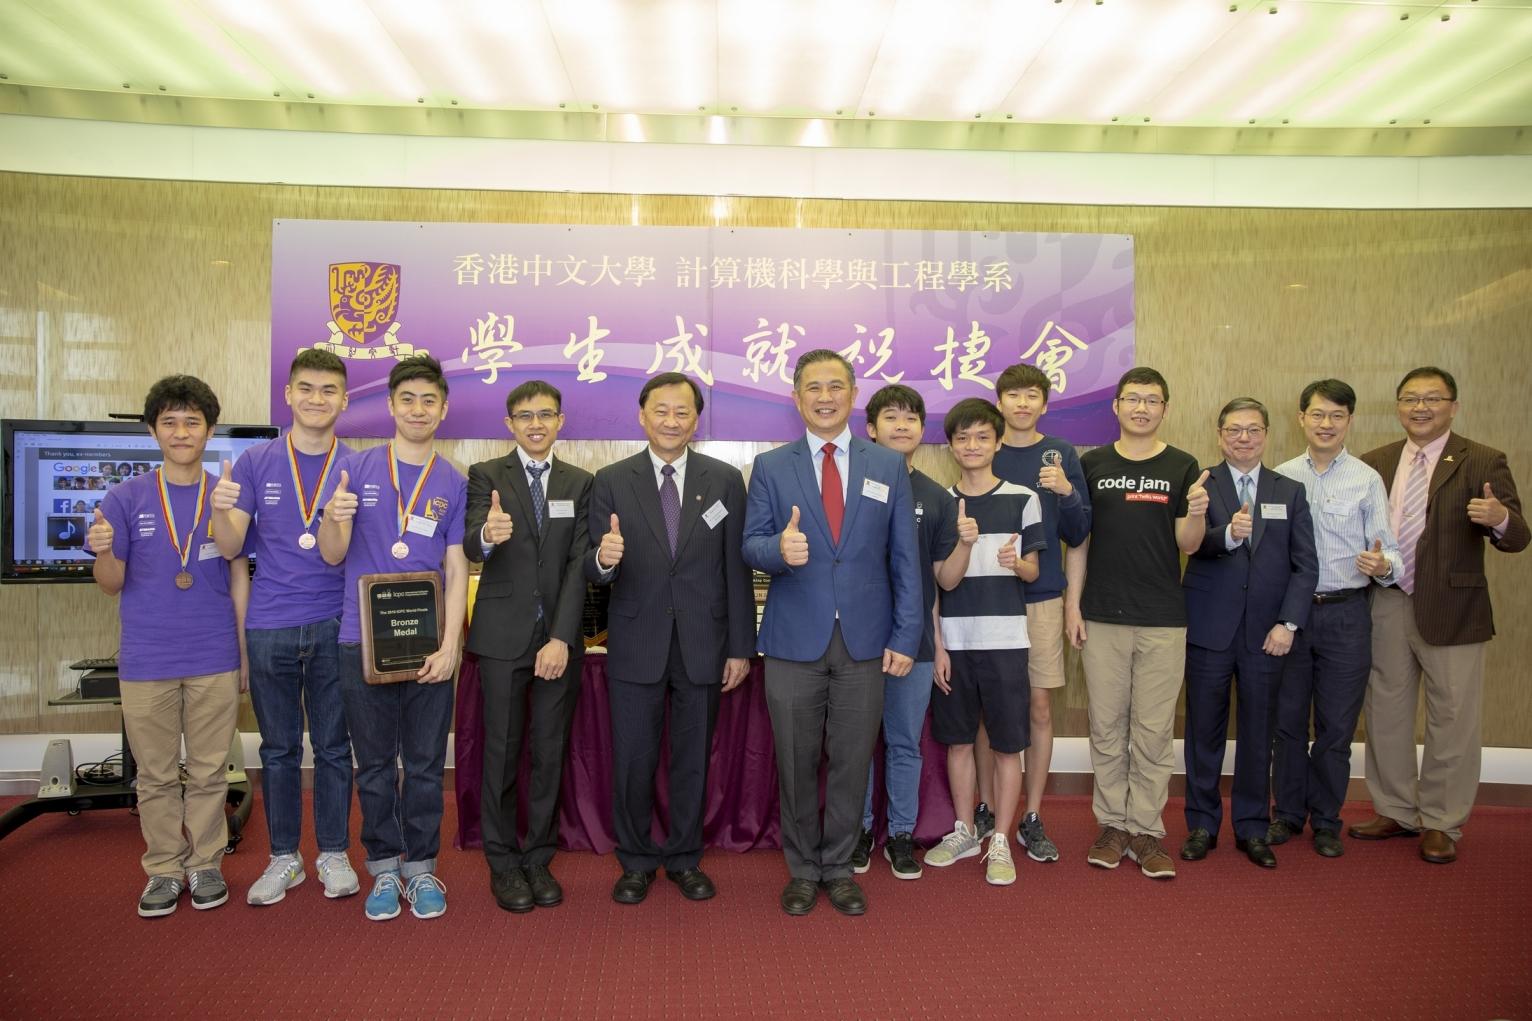 中大程式設計隊成員與出席嘉賓一同合照。